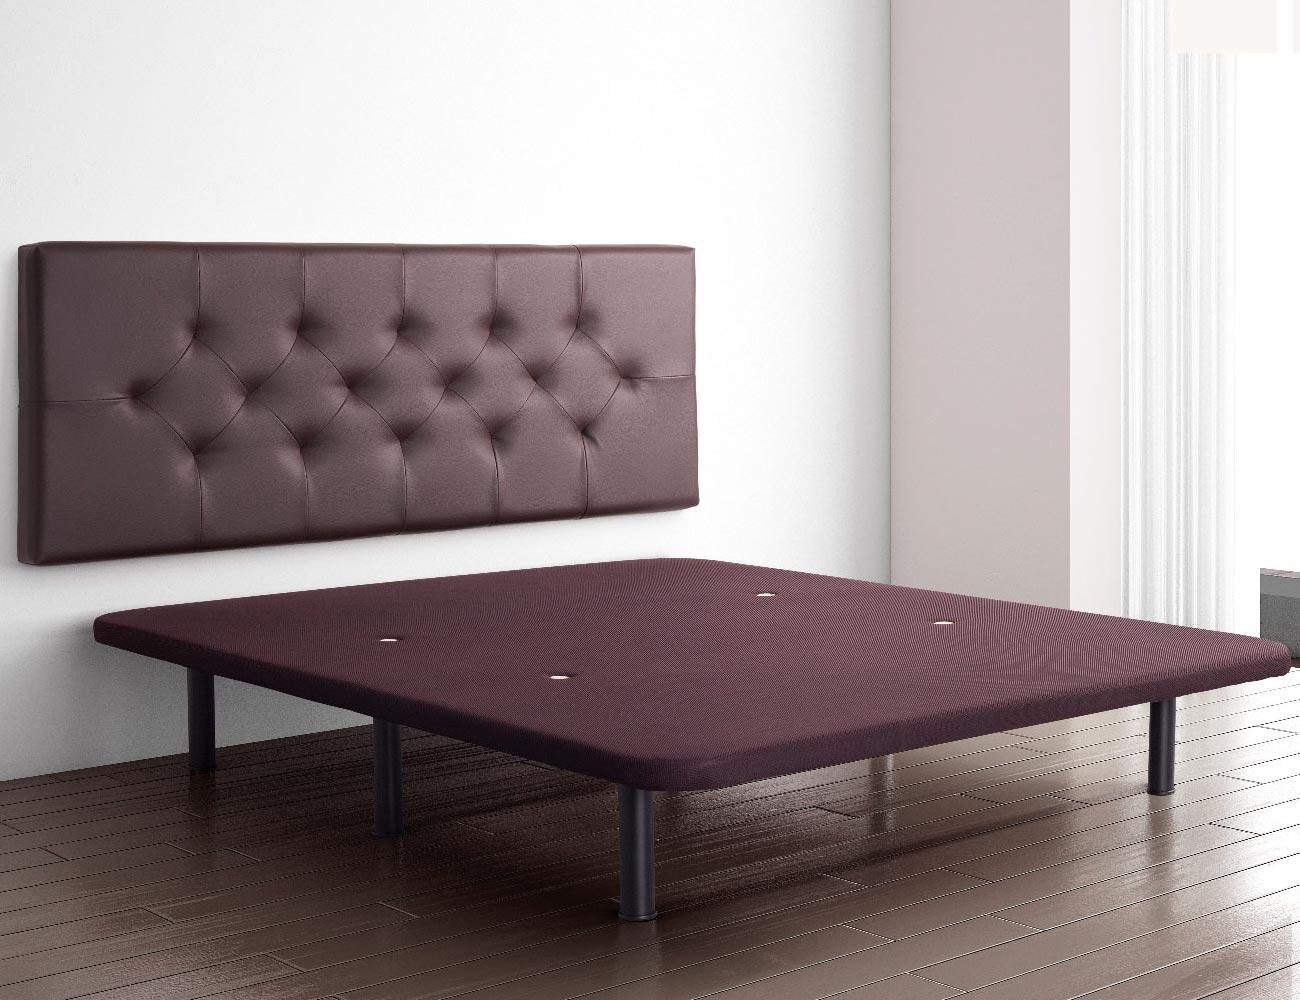 Base 3d aireada chocolate5